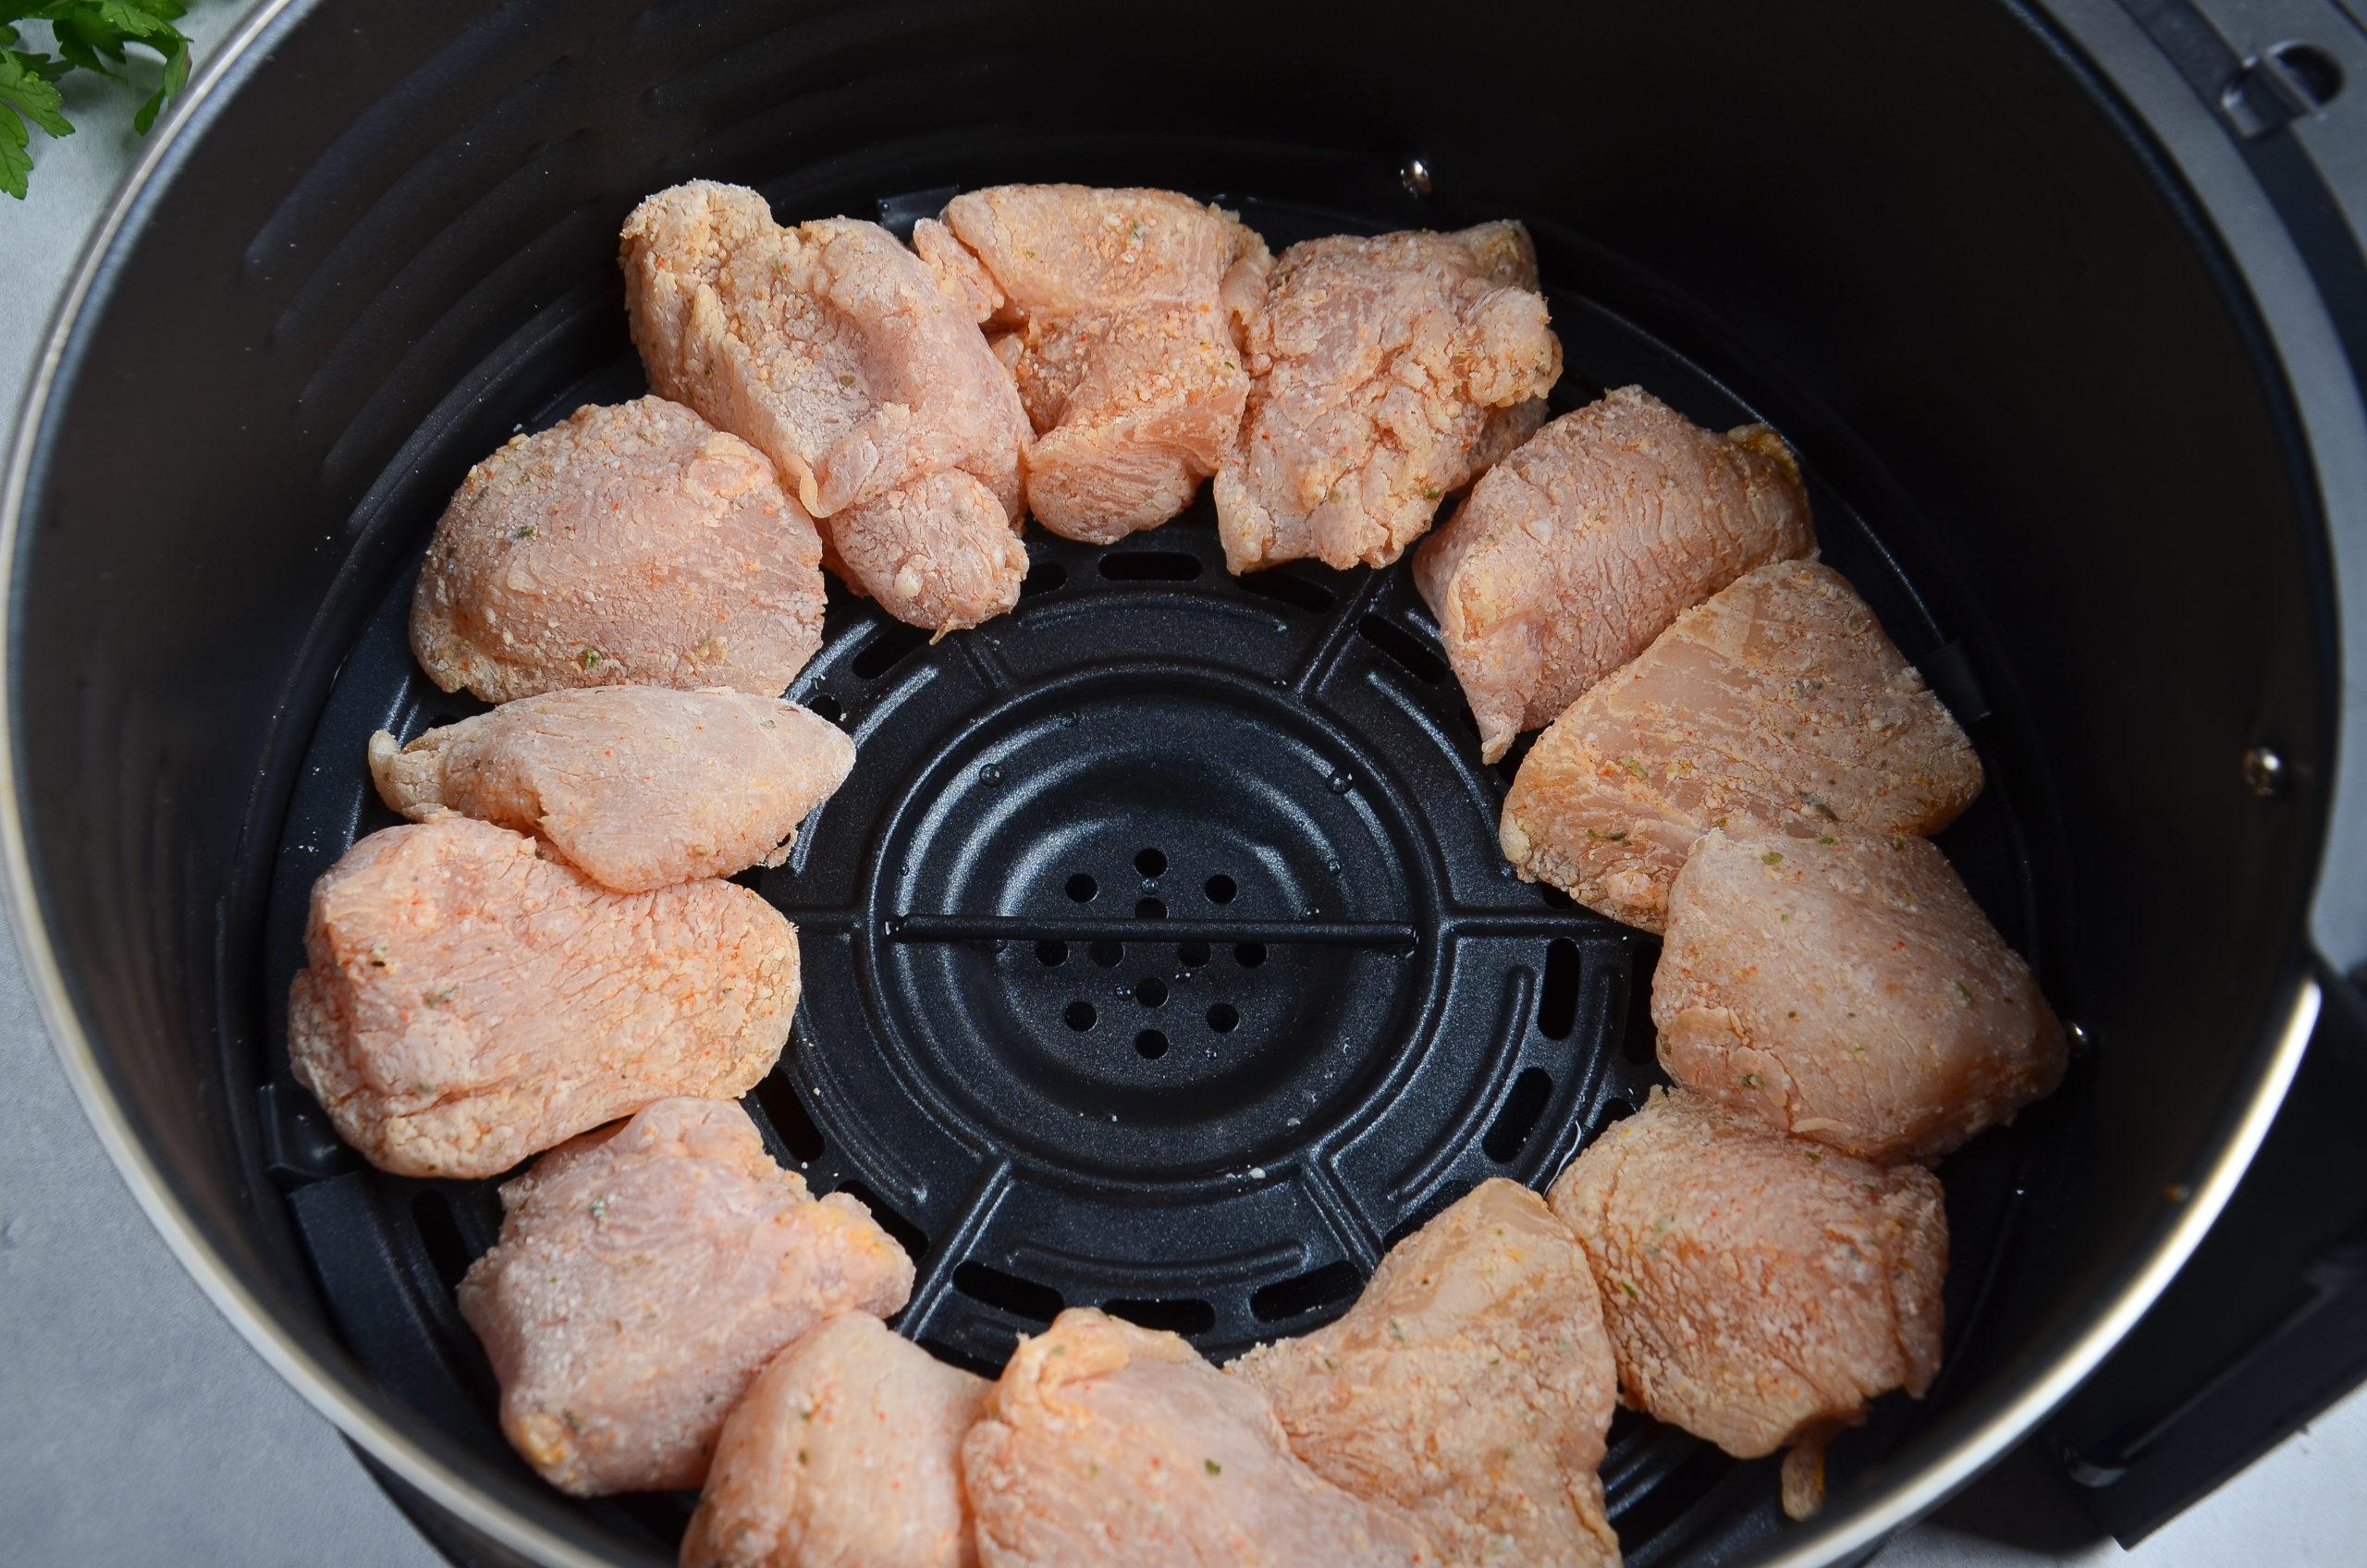 Chicken fillet pieces in an air fryer